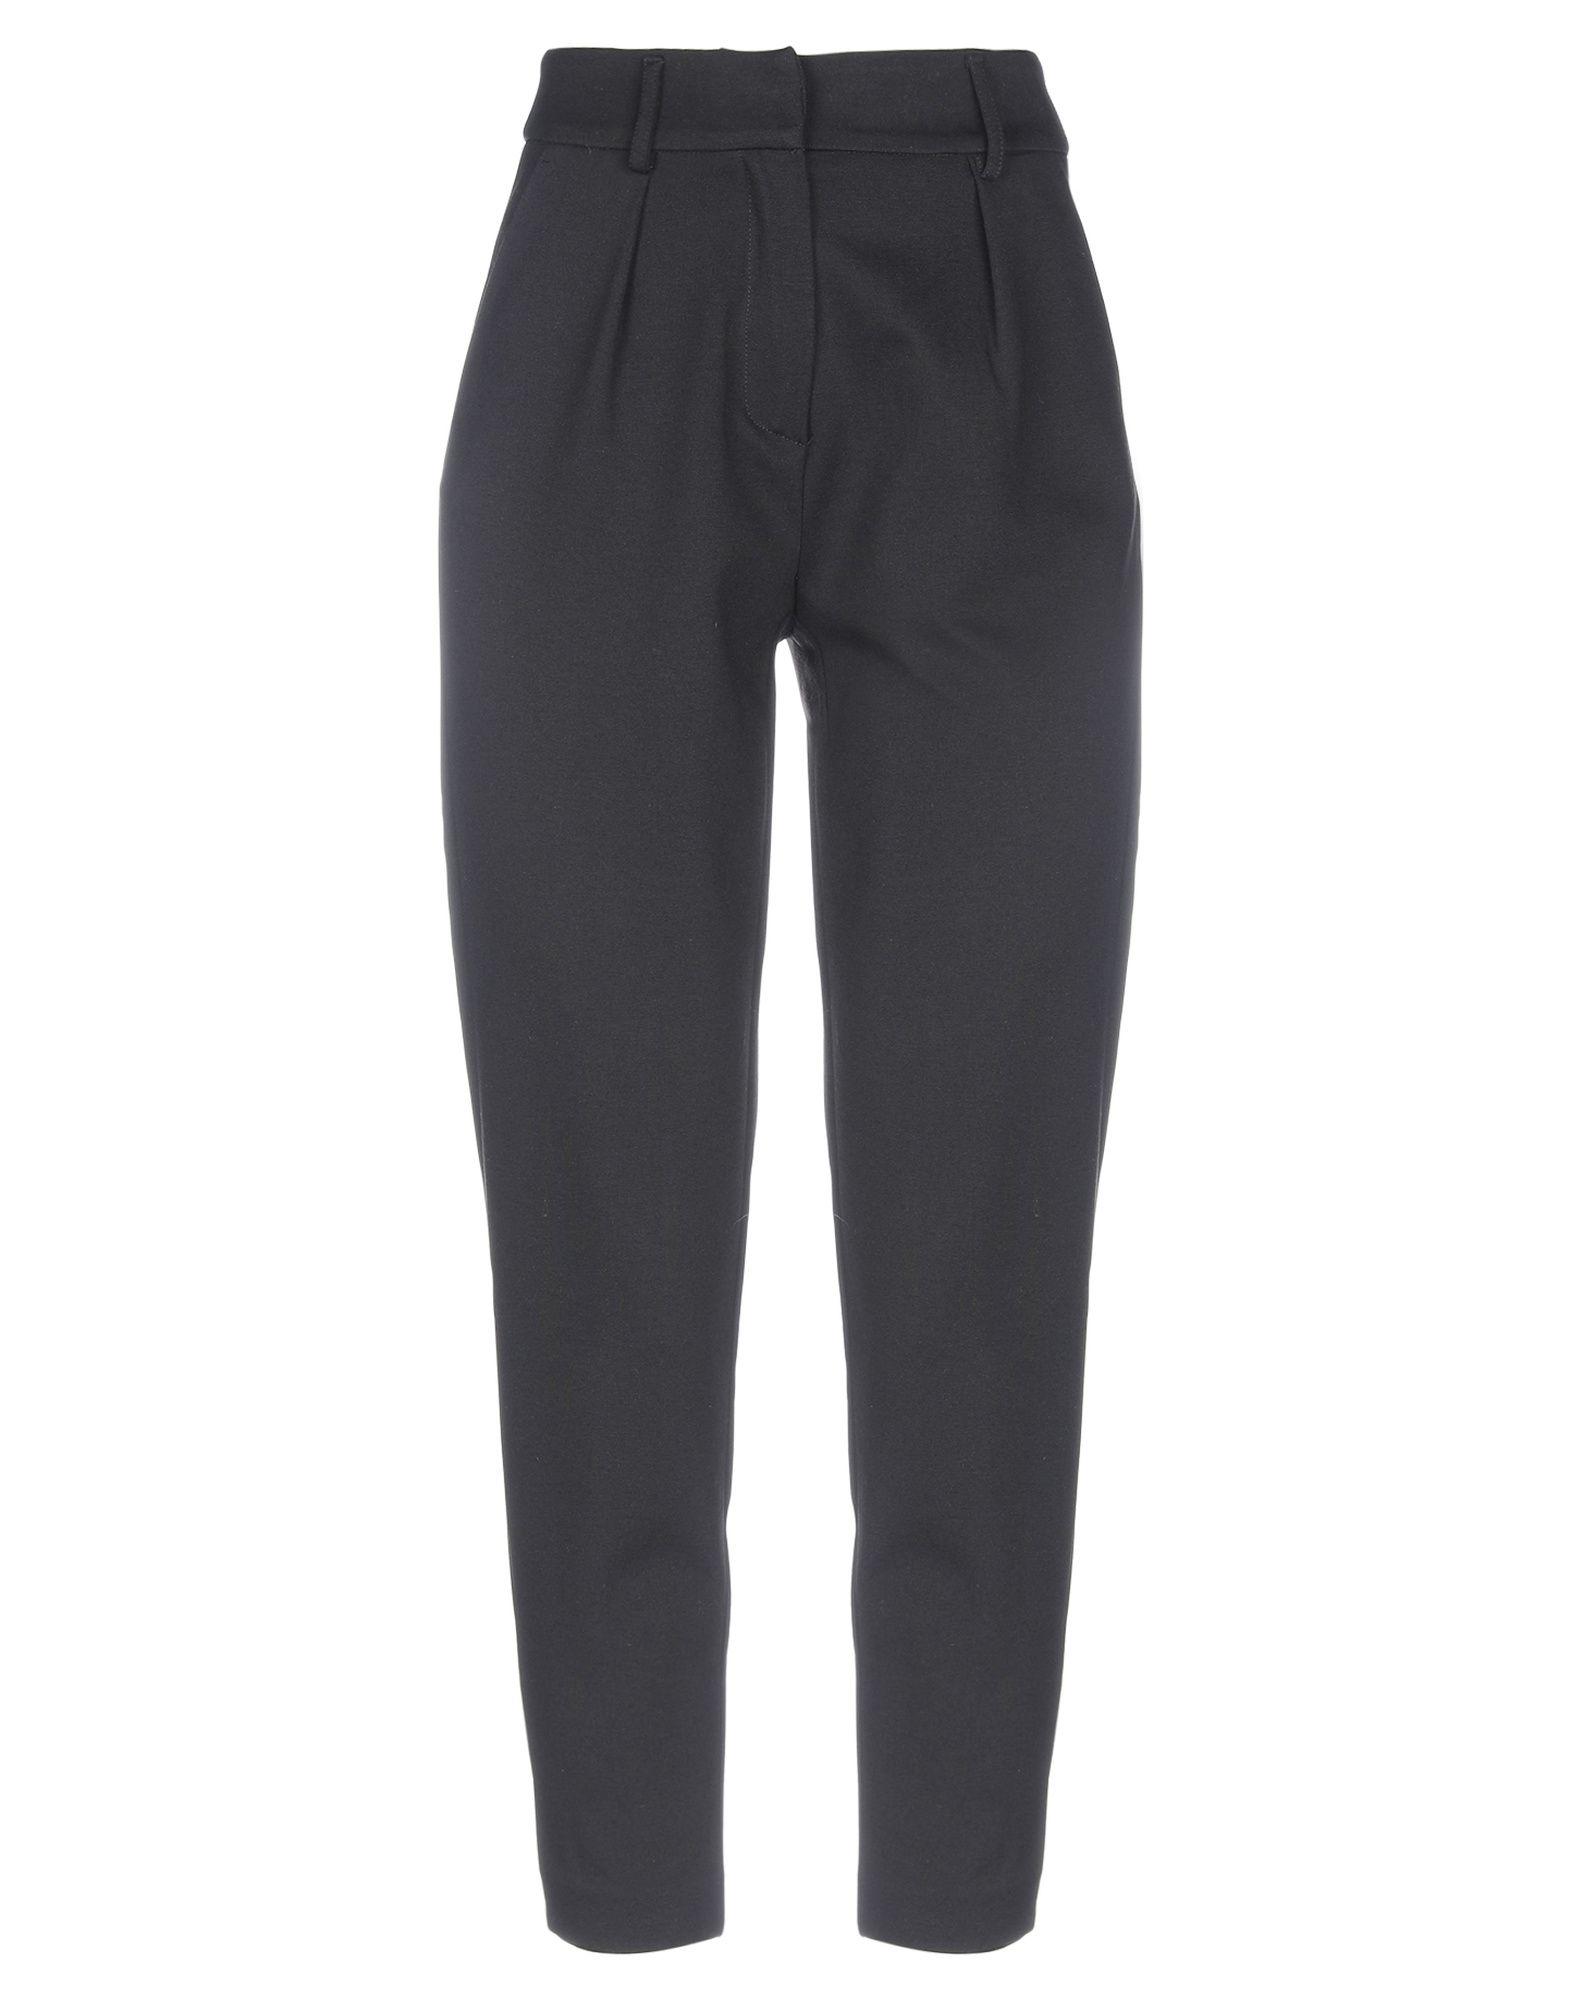 Pantalone Manila Grace donna - 13327814LU 13327814LU  Marke kaufen